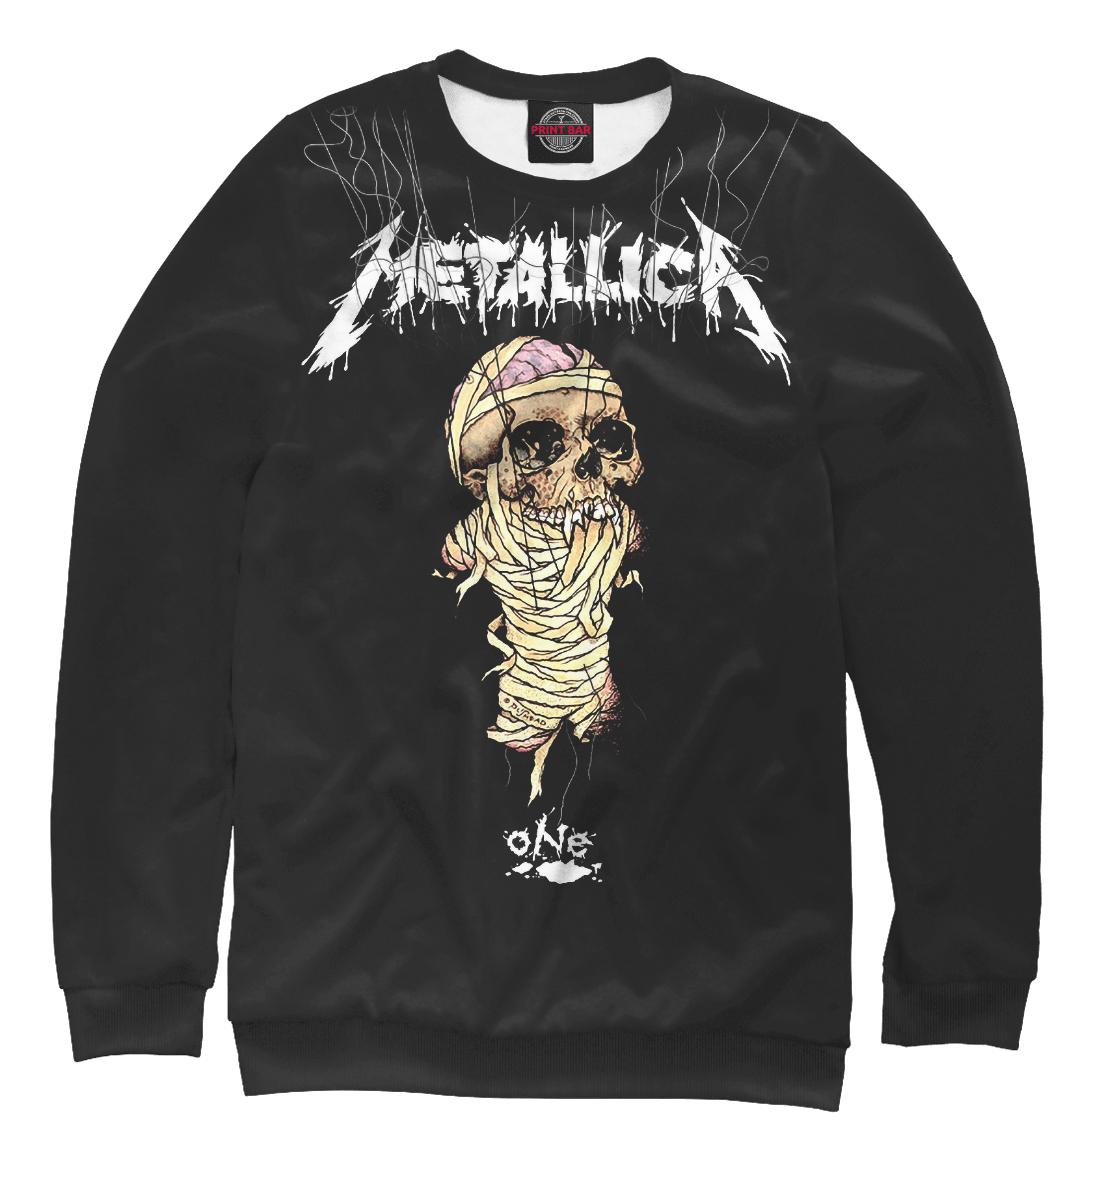 Купить Metallica One, Printbar, Свитшоты, MET-184006-swi-1